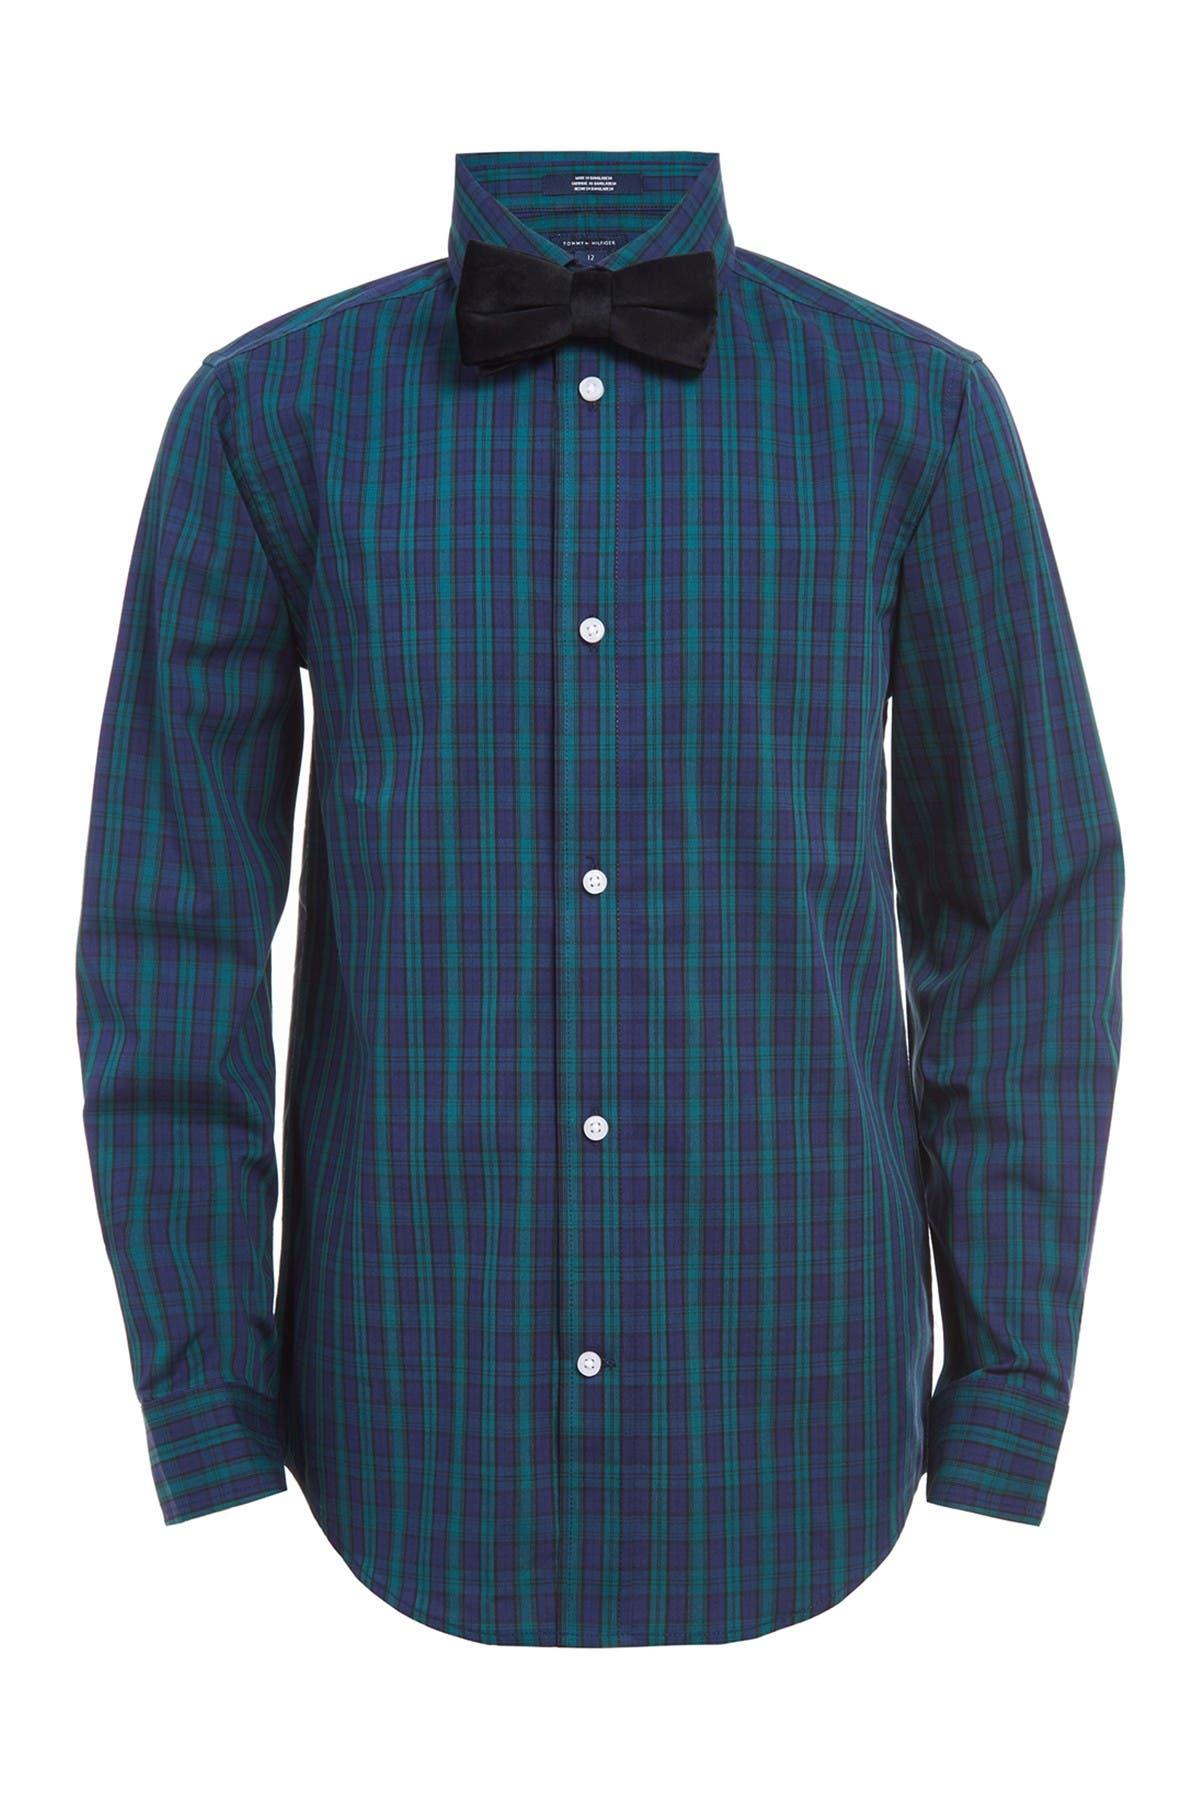 Image of Tommy Hilfiger Mini Tartan Shirt & Bow Tie